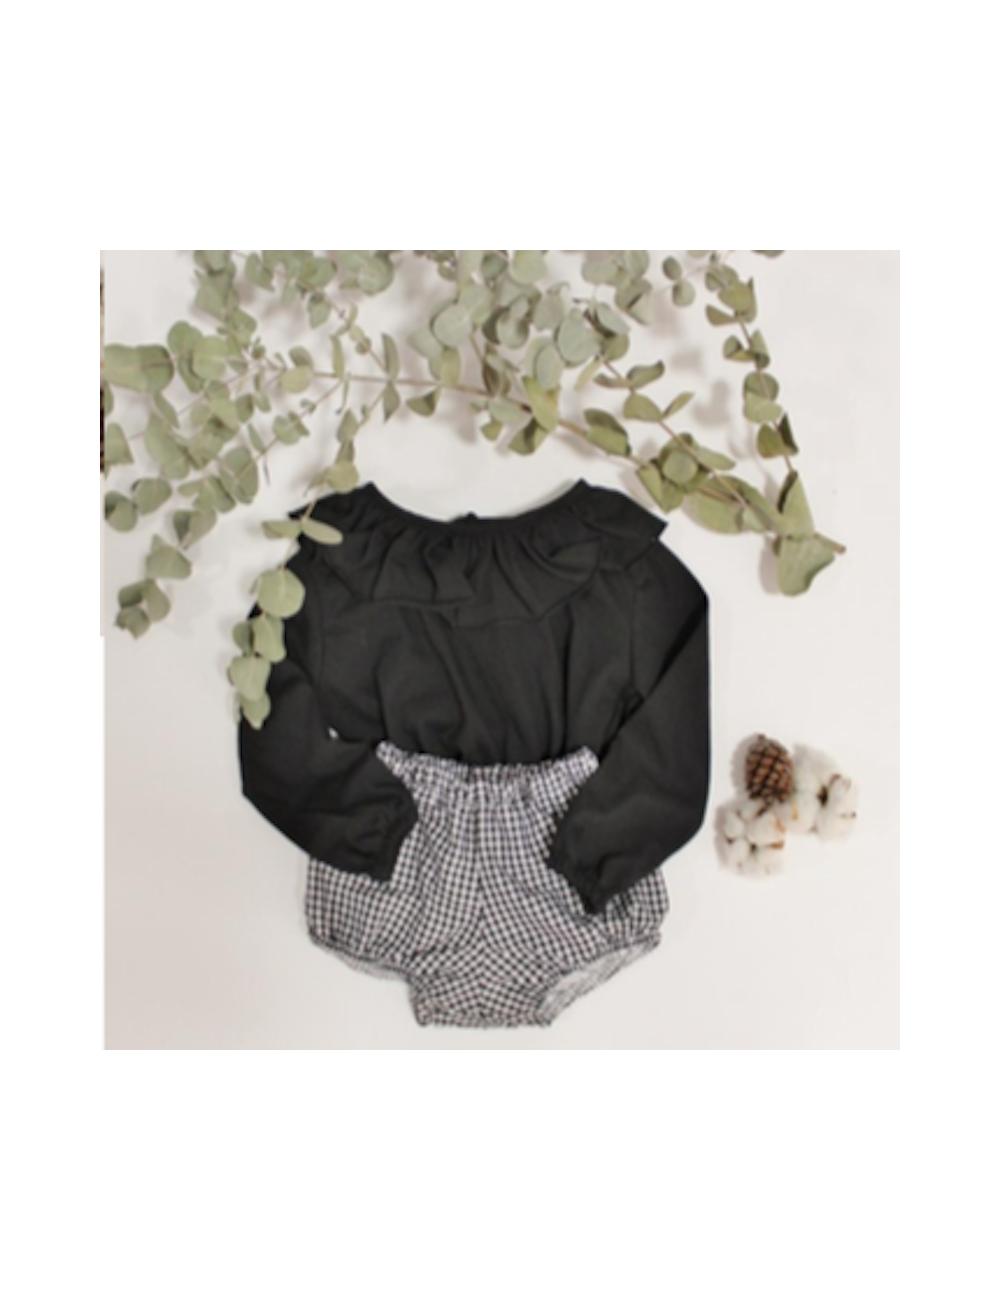 Camiseta negra con volante en el cuello de El tocador de Victoria